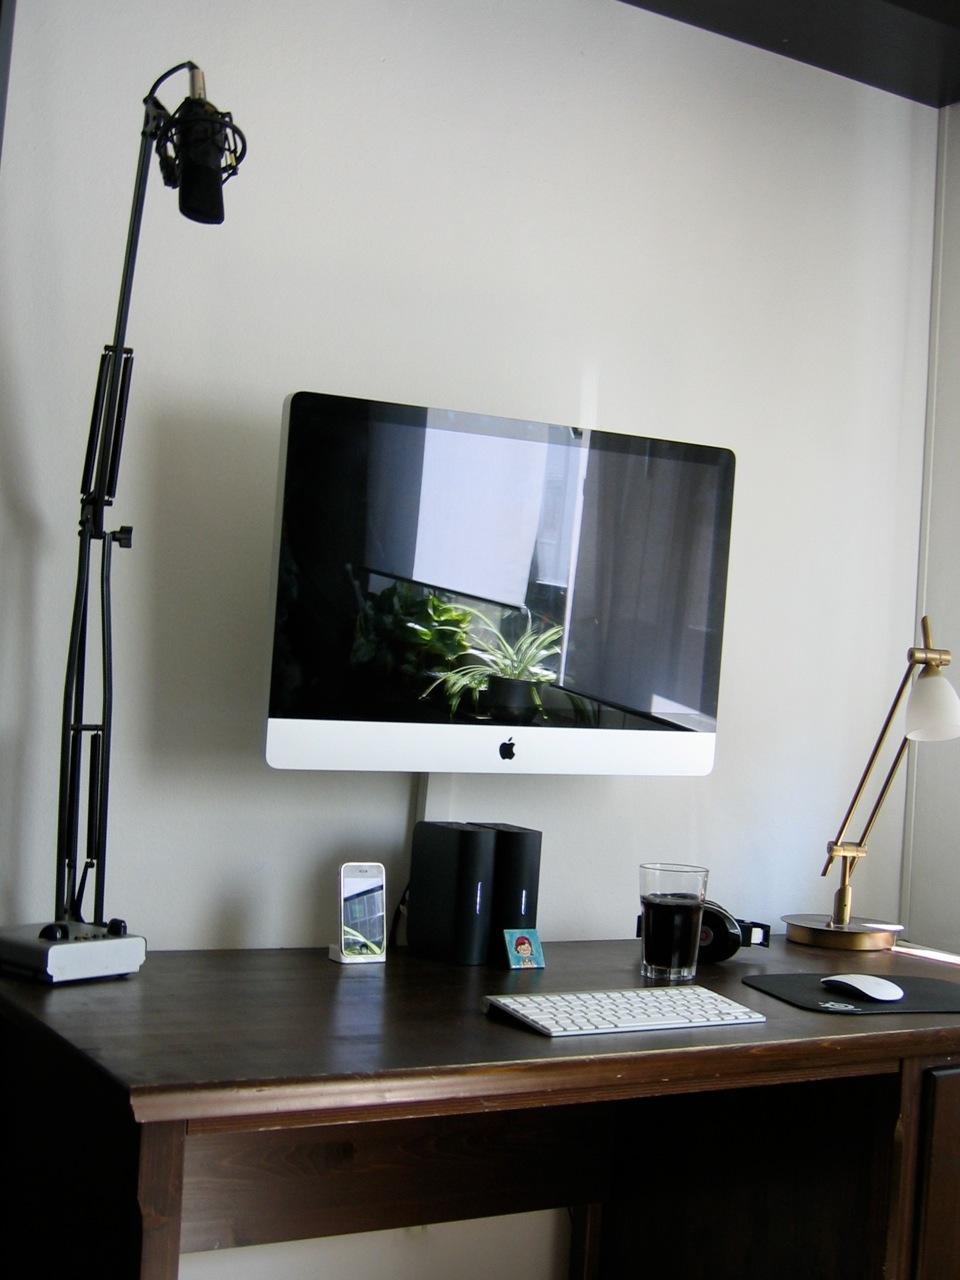 Schreibtisch design apple  27″ iMac an die Wand gebracht – GDGTS